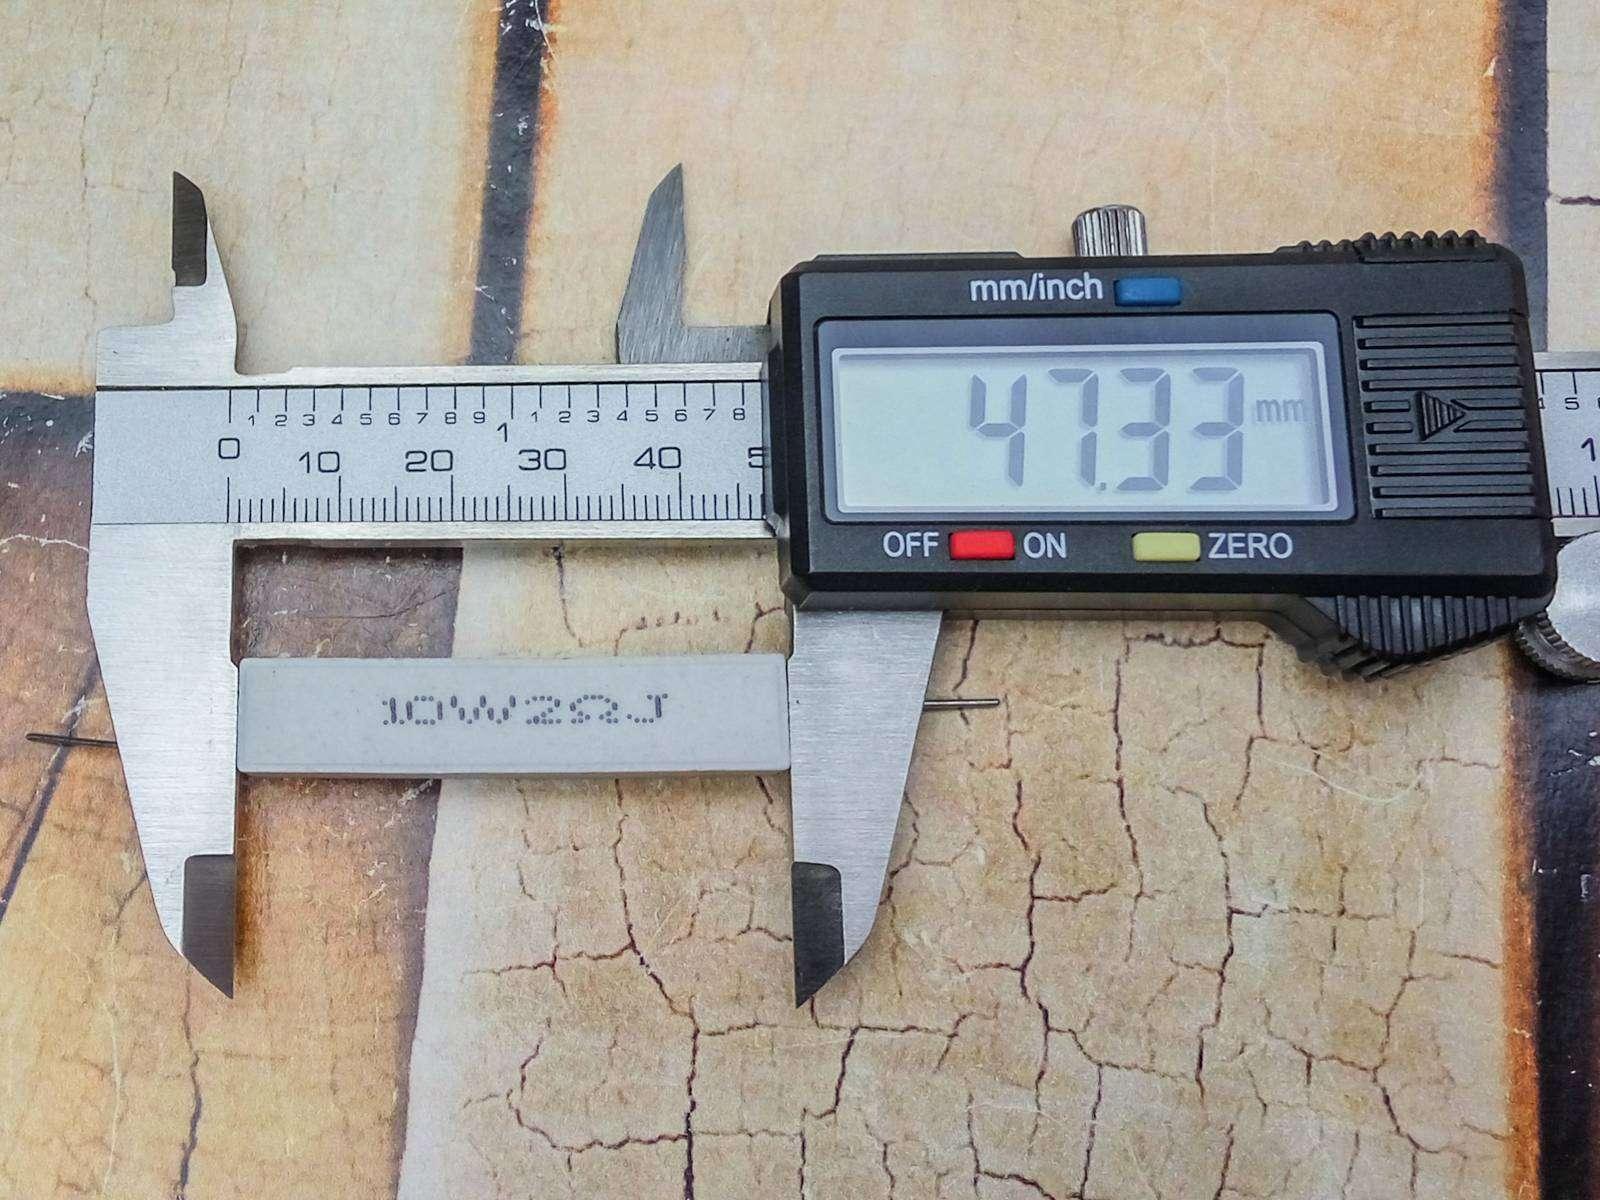 Aliexpress: Еще один набор керамических резисторов - 10 Ватт, 2 Ома